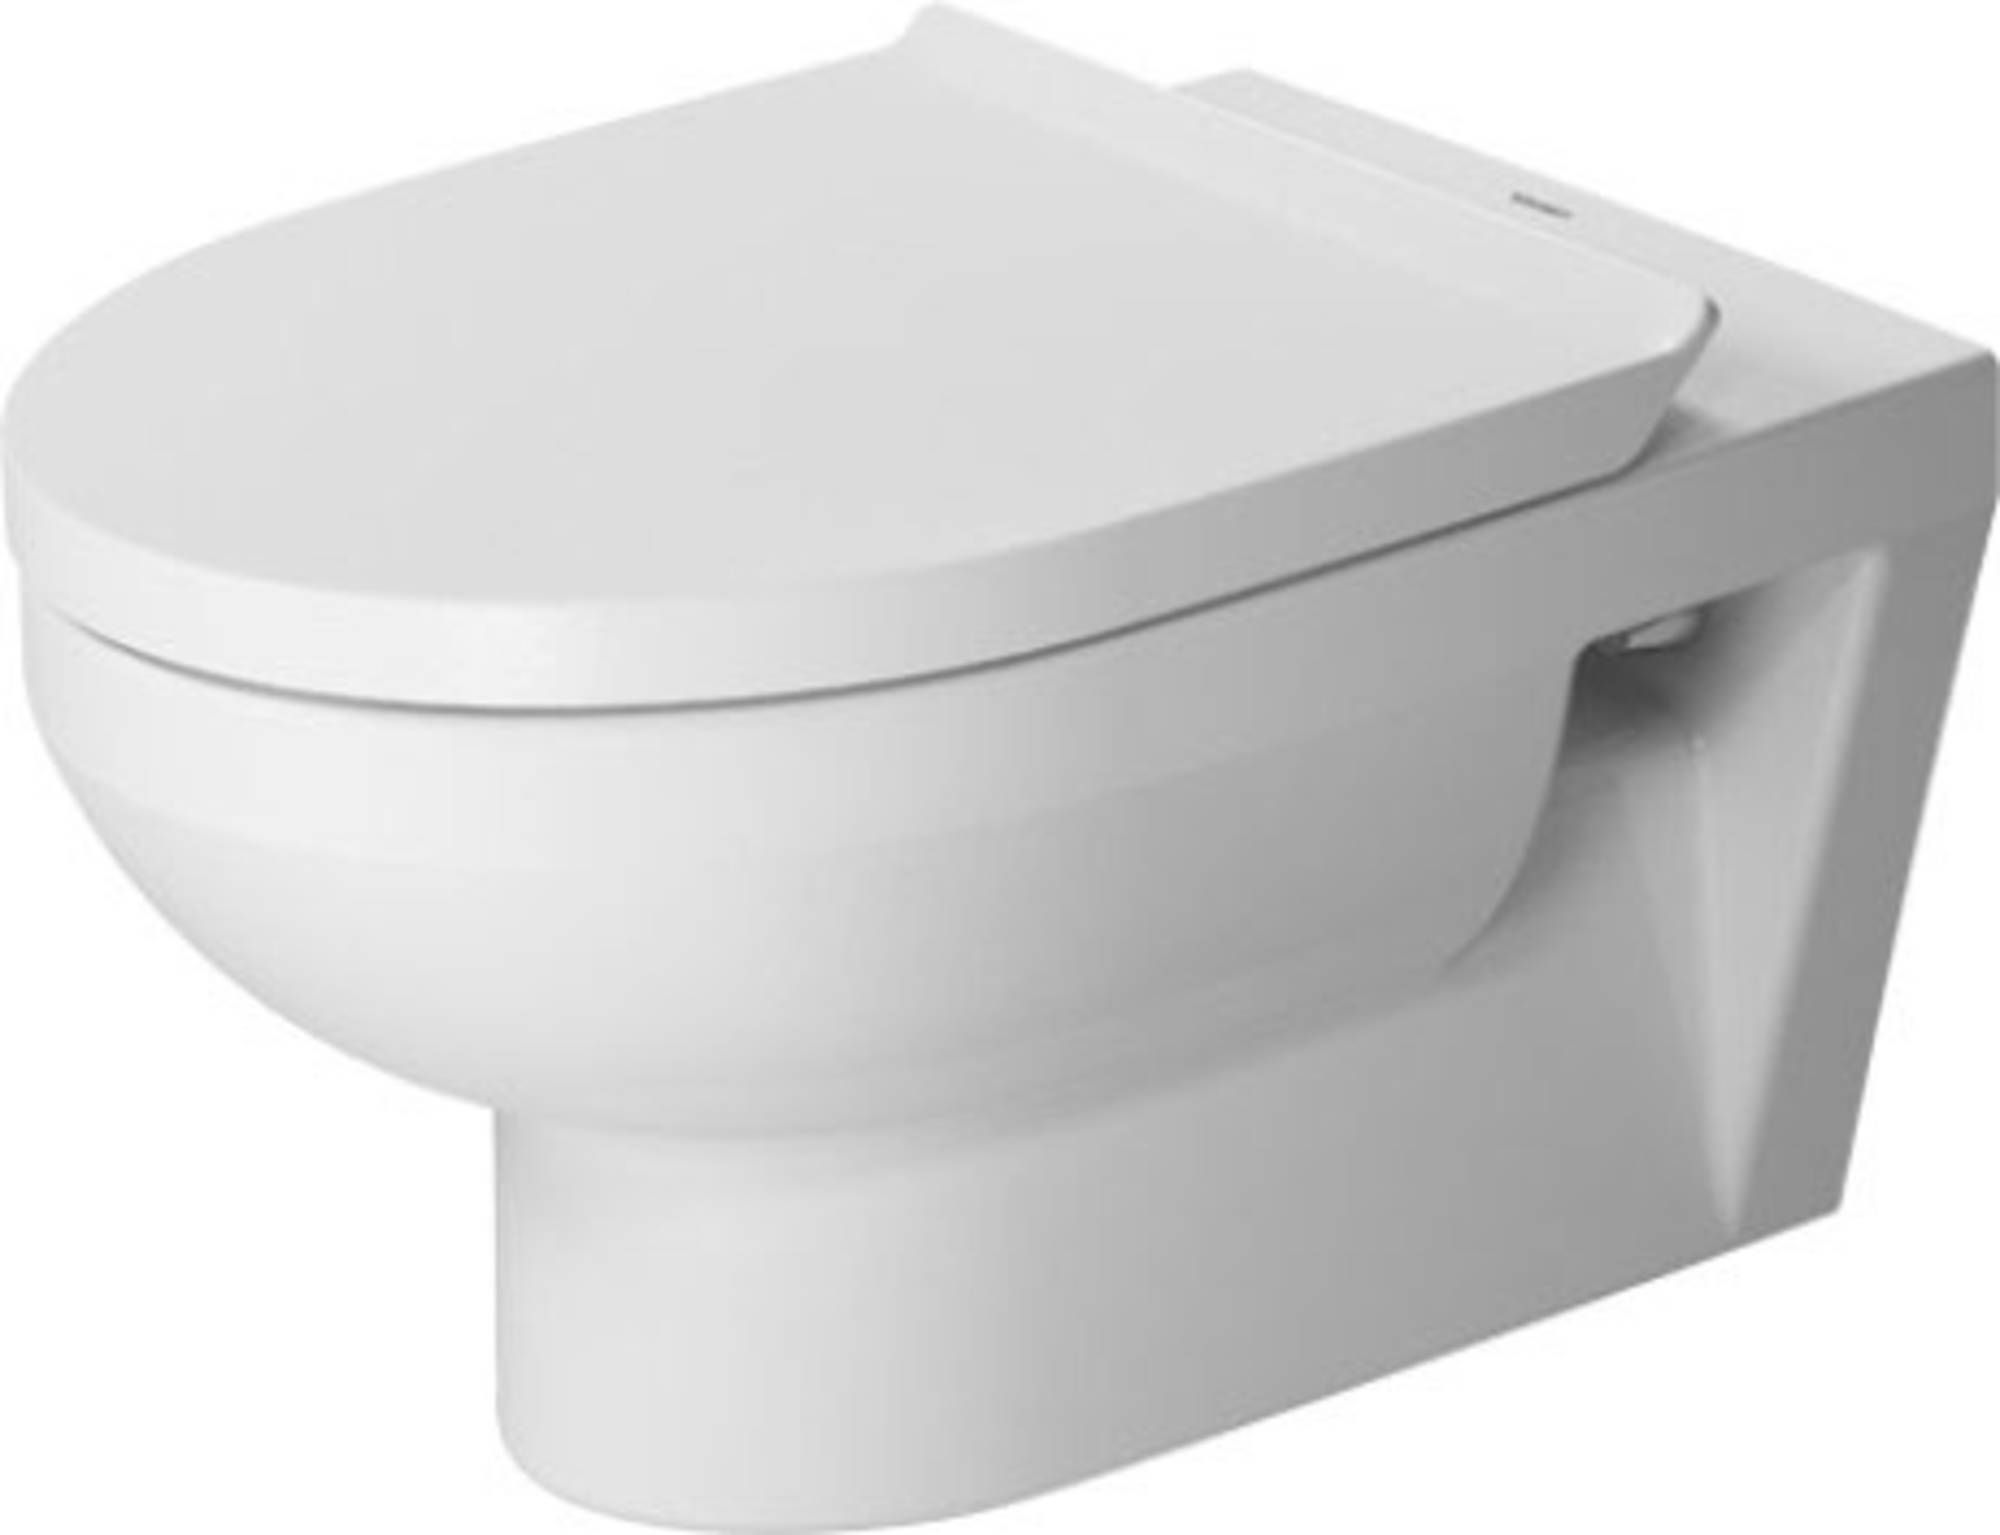 Miska WC Duravit DuraStyle Basic wisząca Rimless z deską wolnoopadającą biały alpin 45620900A1